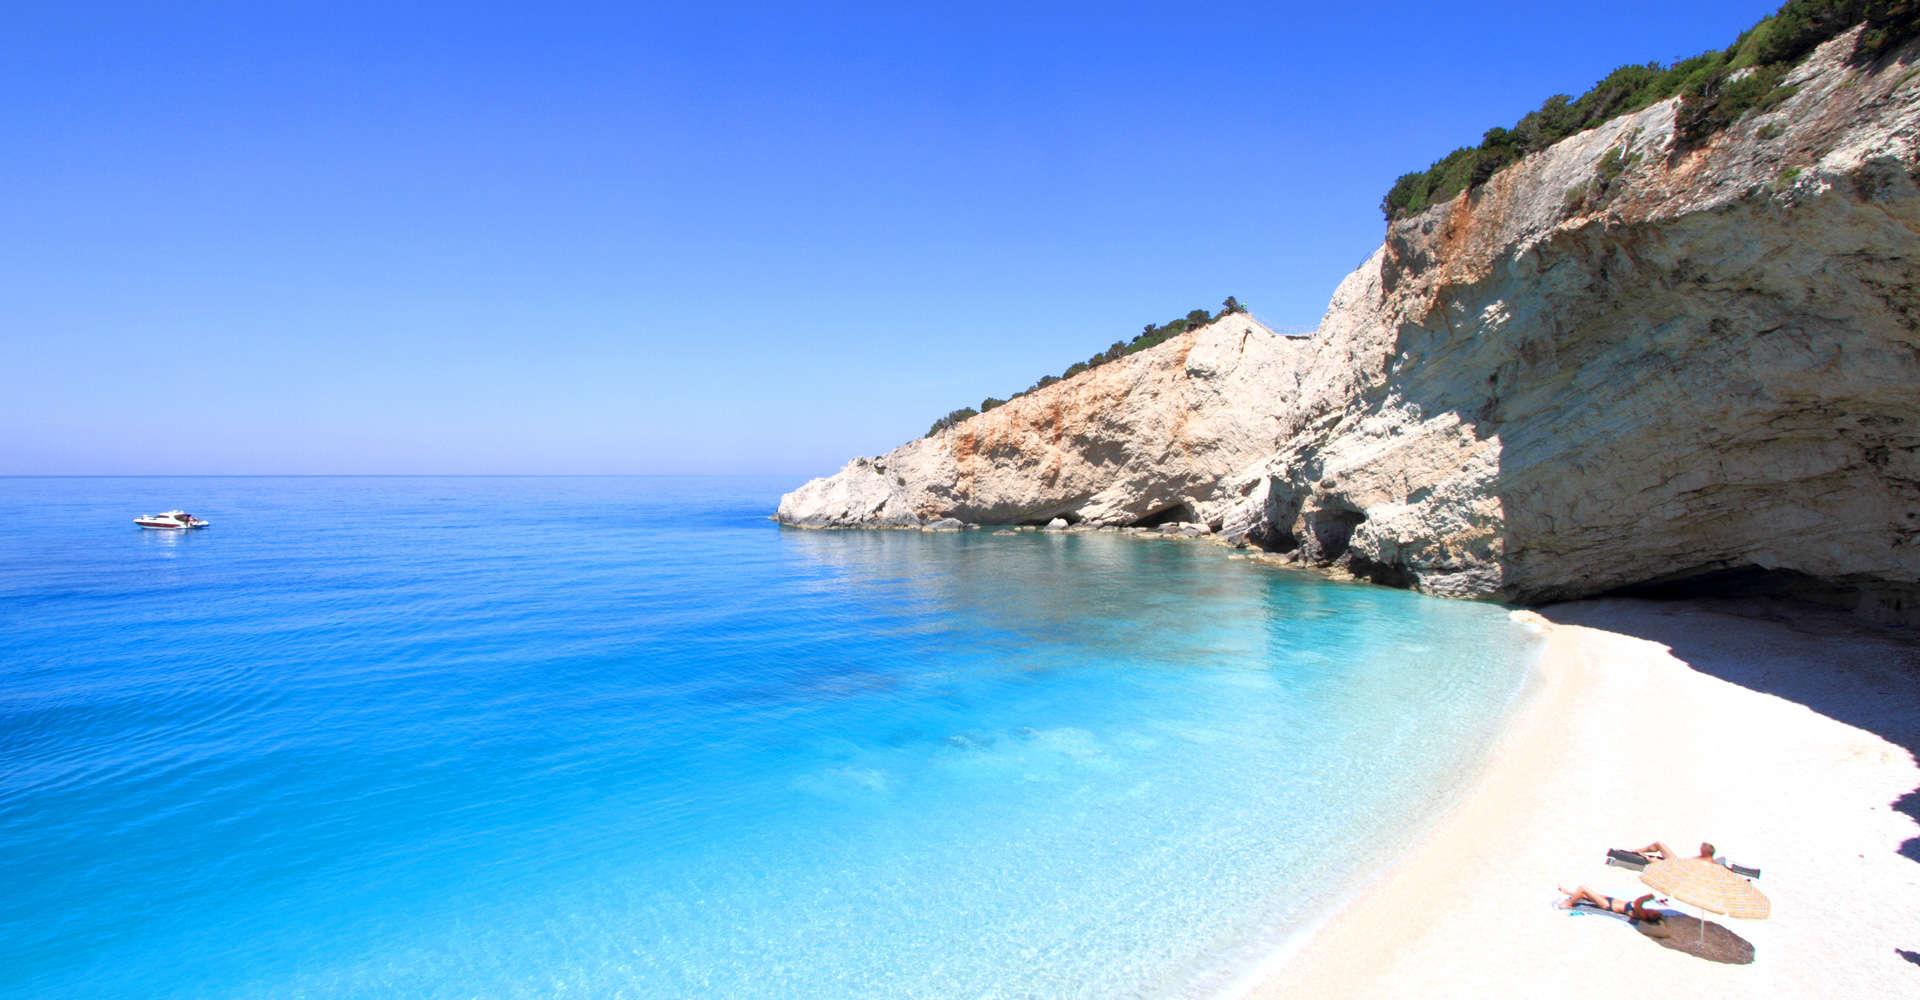 Lefkada Vacanza tra ulivi, cipressi e spiagge bianchissime